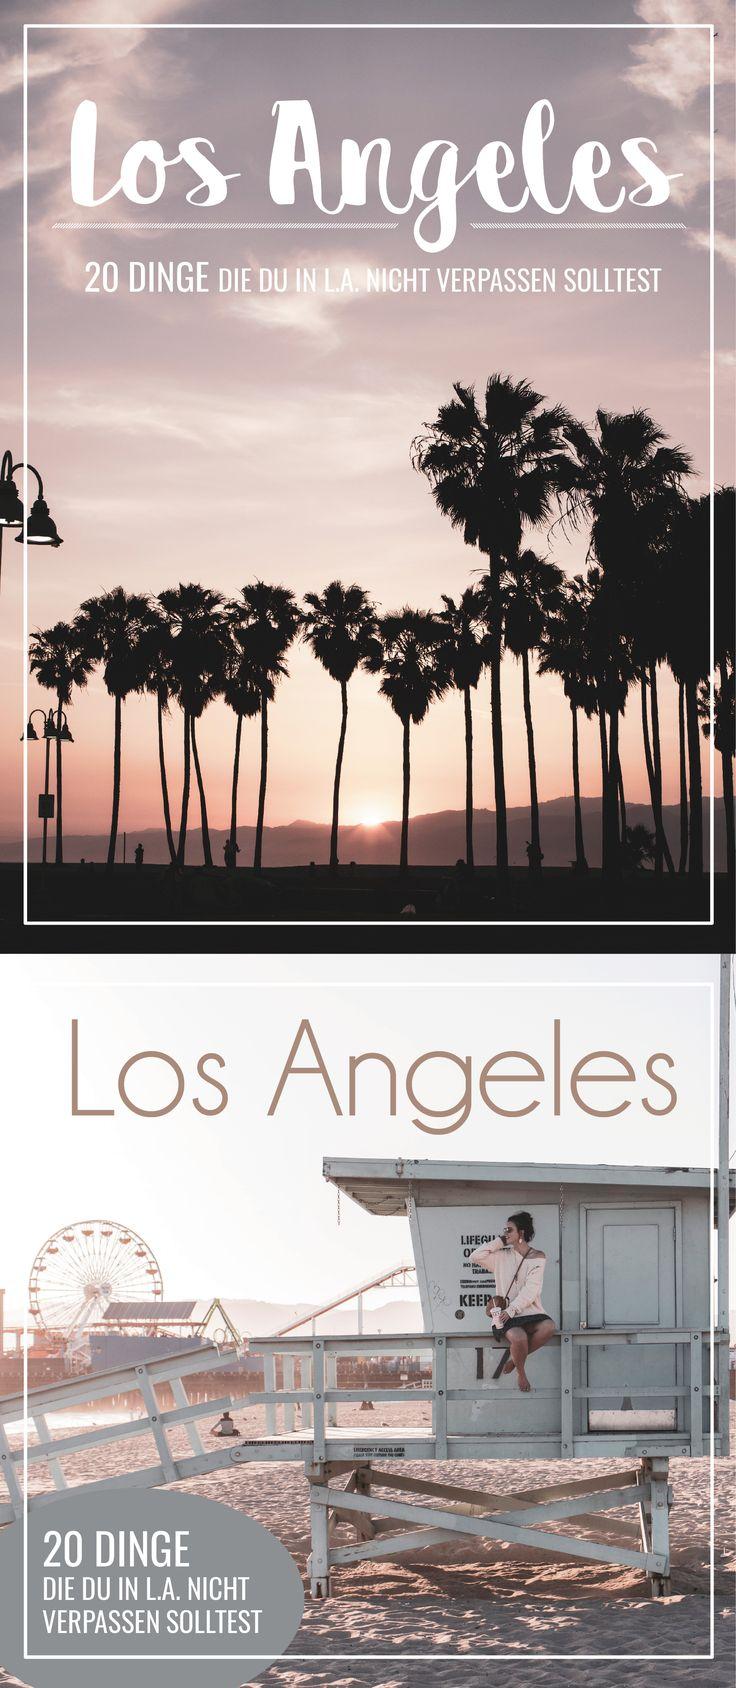 20 Dinge, die man in Los Angeles nicht verpassen sollte